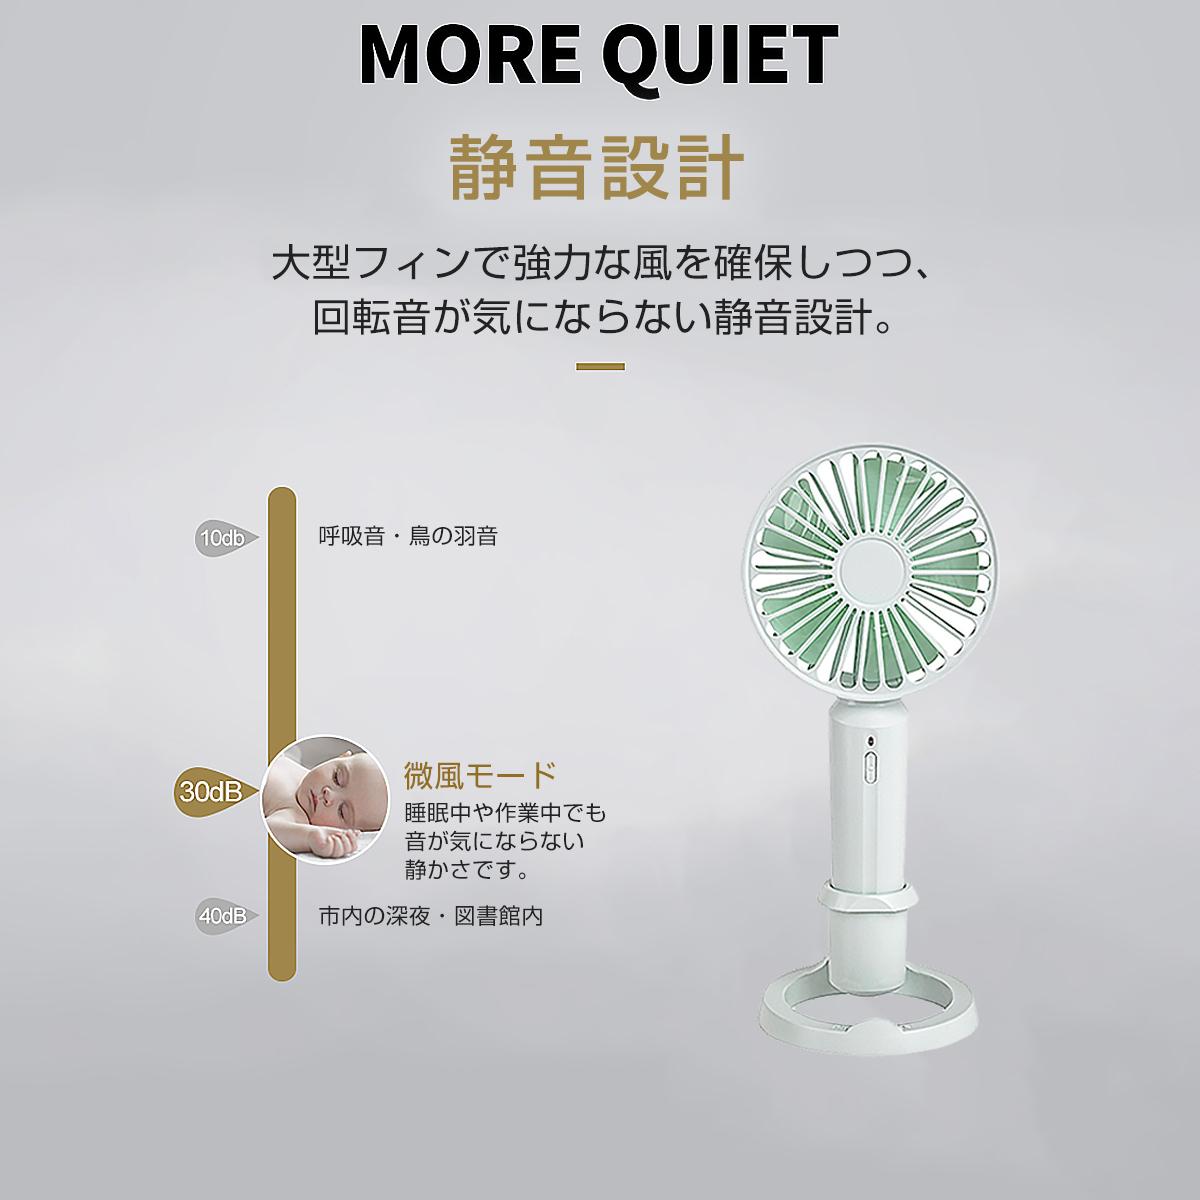 携帯扇風機 ハンディファン 白 USB扇風機 手持ち ミニ アロマ 軽量 静音 風量3段階 大風量 5枚羽根 熱中症対策 携帯 宅配便送料無料 1ヶ月保証 K&M